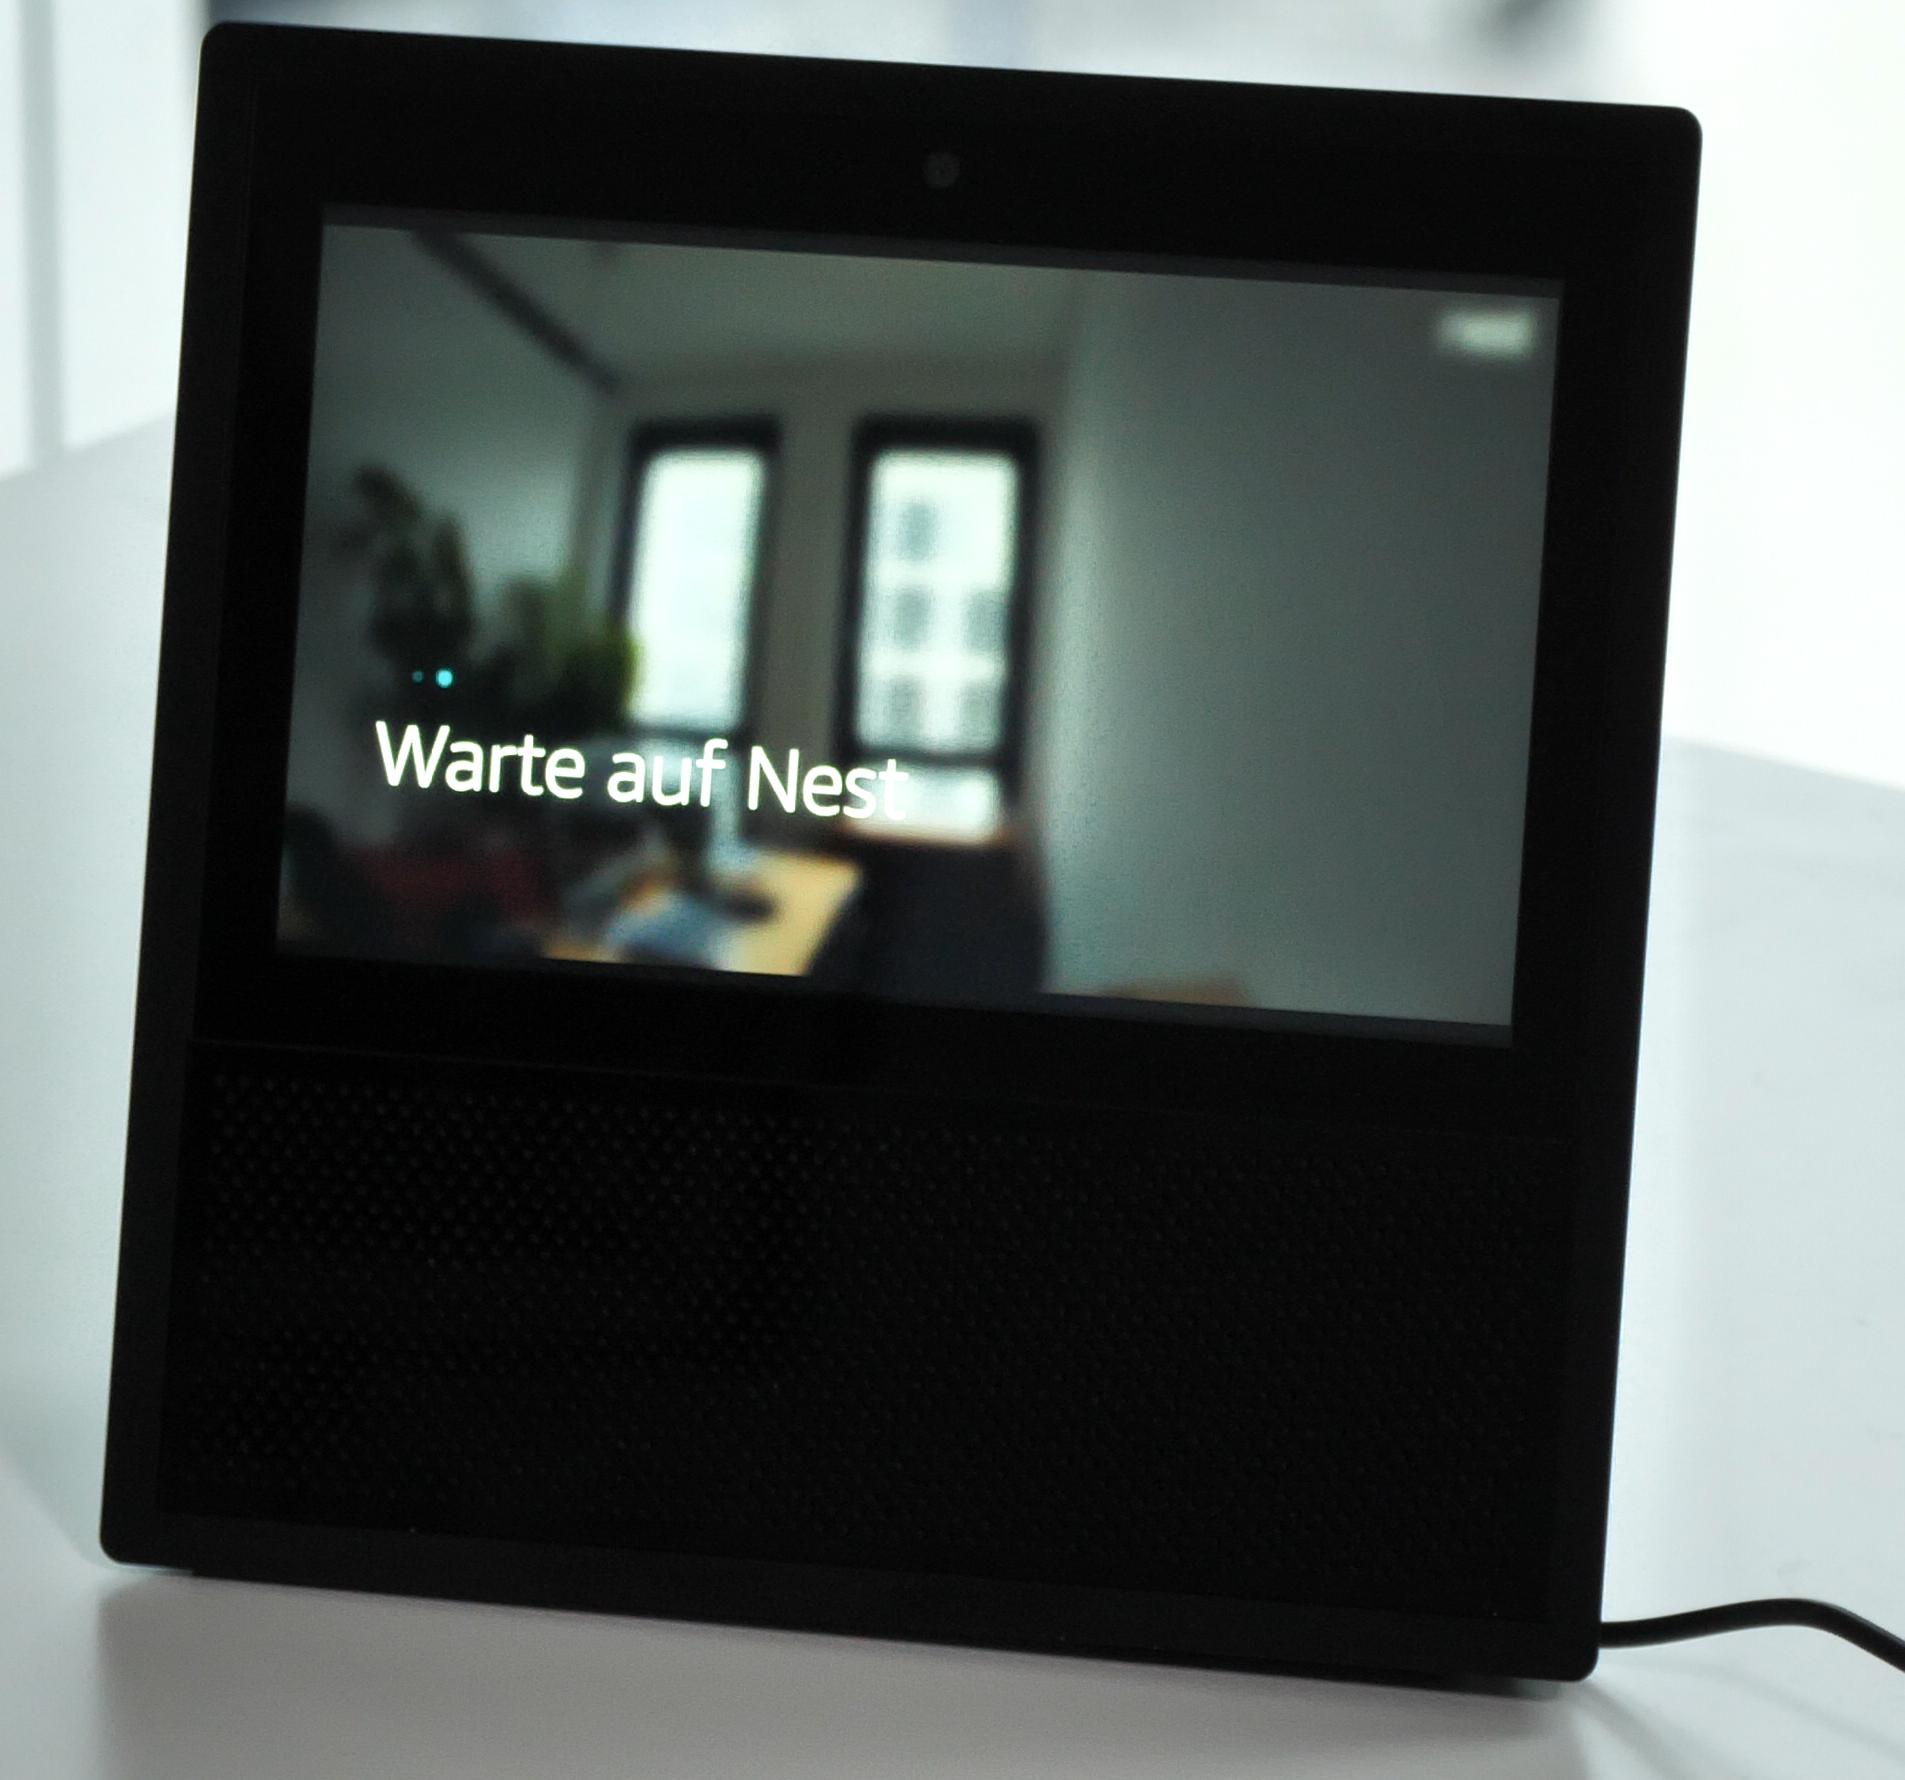 Echo Show vs. Fire HD 10 im Test: Alexa, zeig's mir! - Auf Zuruf zeigt eine Nest-Kamera ein Bild auf dem Display des Echo Show. (Bild: Martin Wolf/Golem.de)